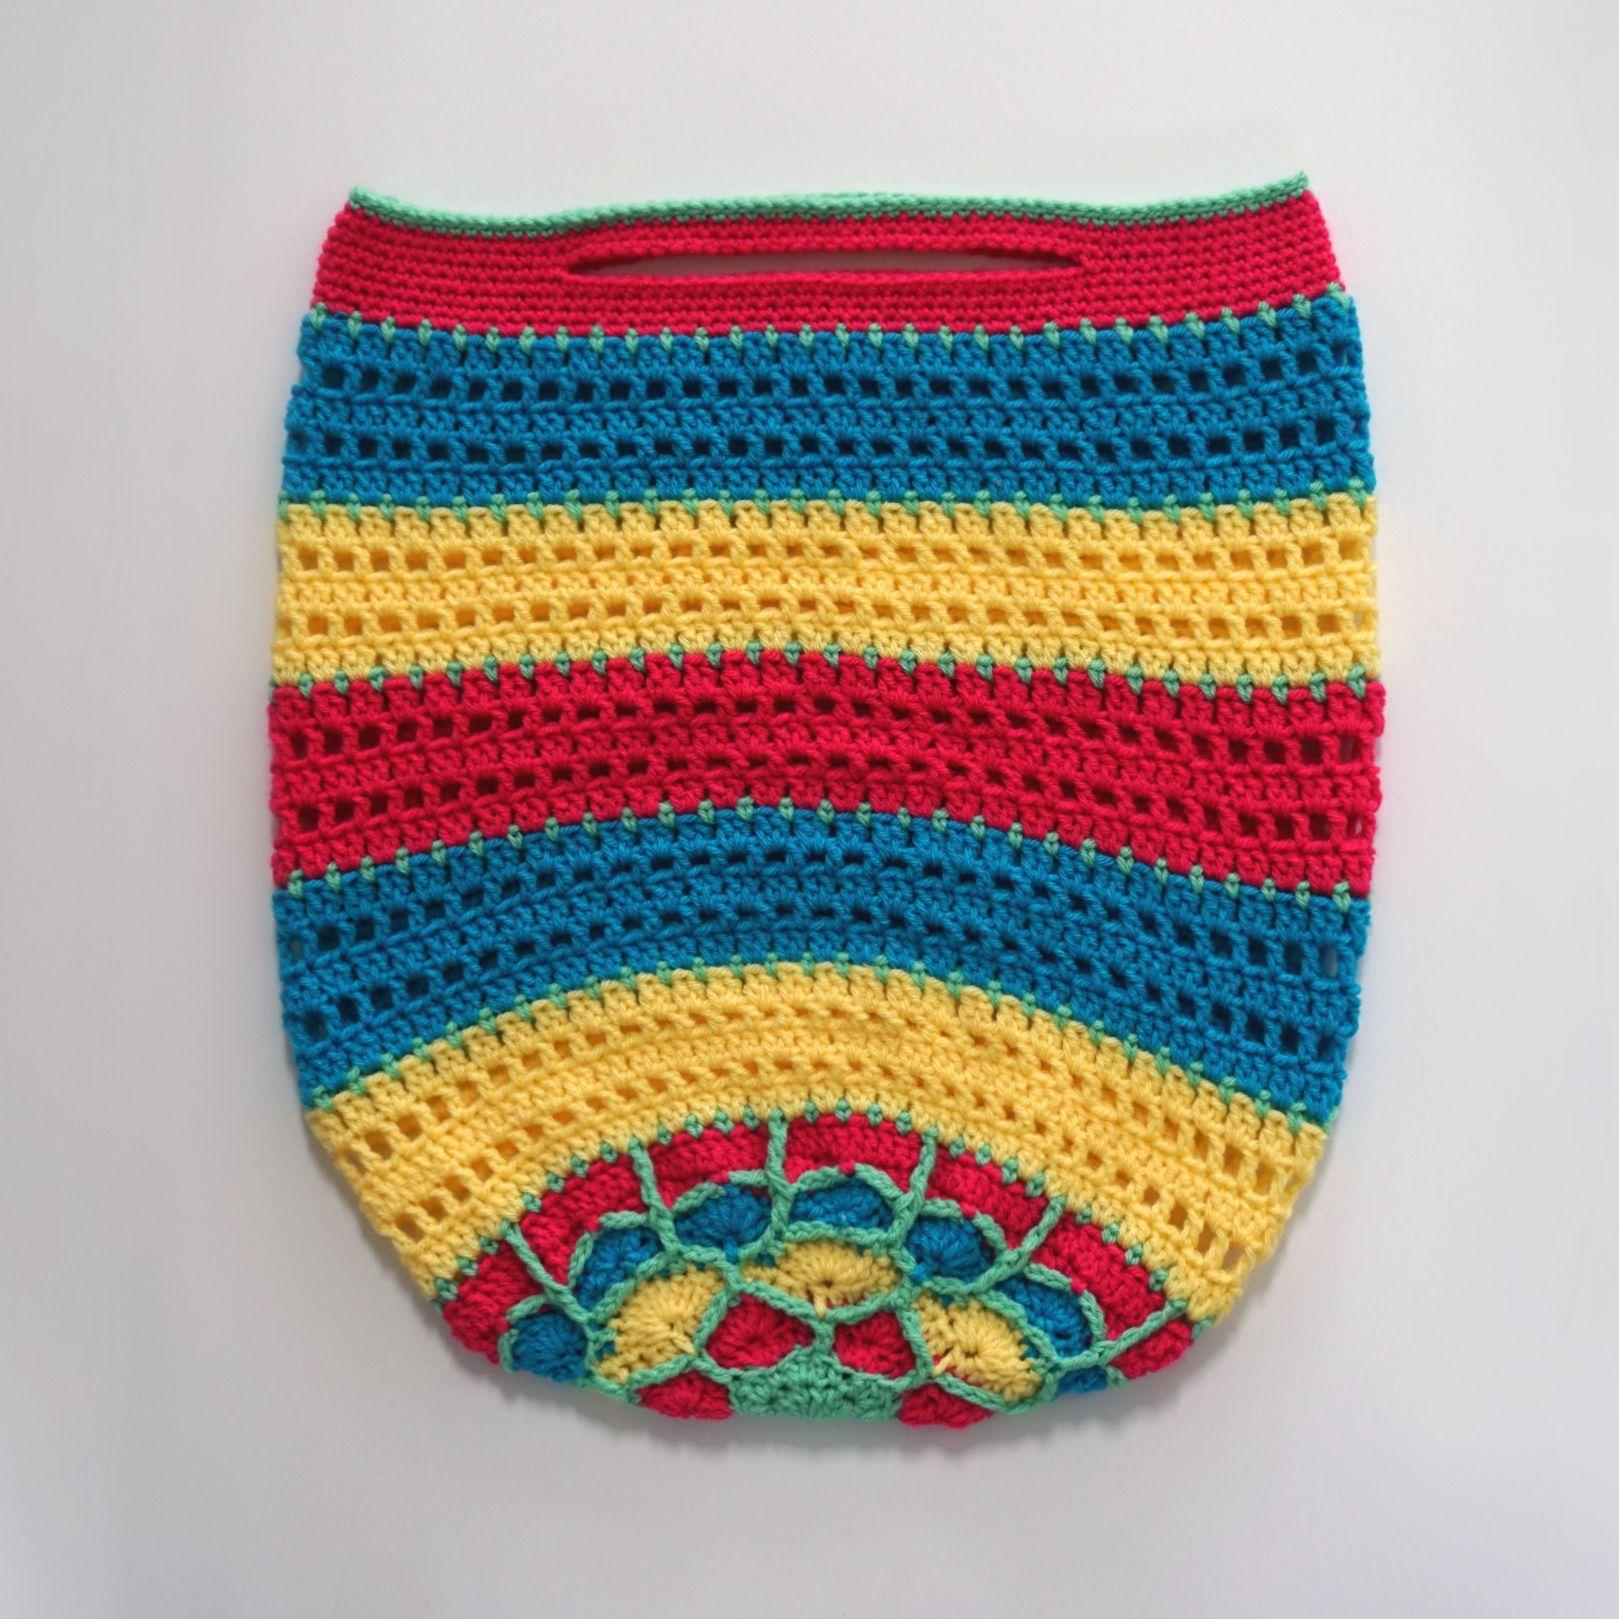 crochet beach bag | bags | Pinterest | Crocheted bags and Crochet